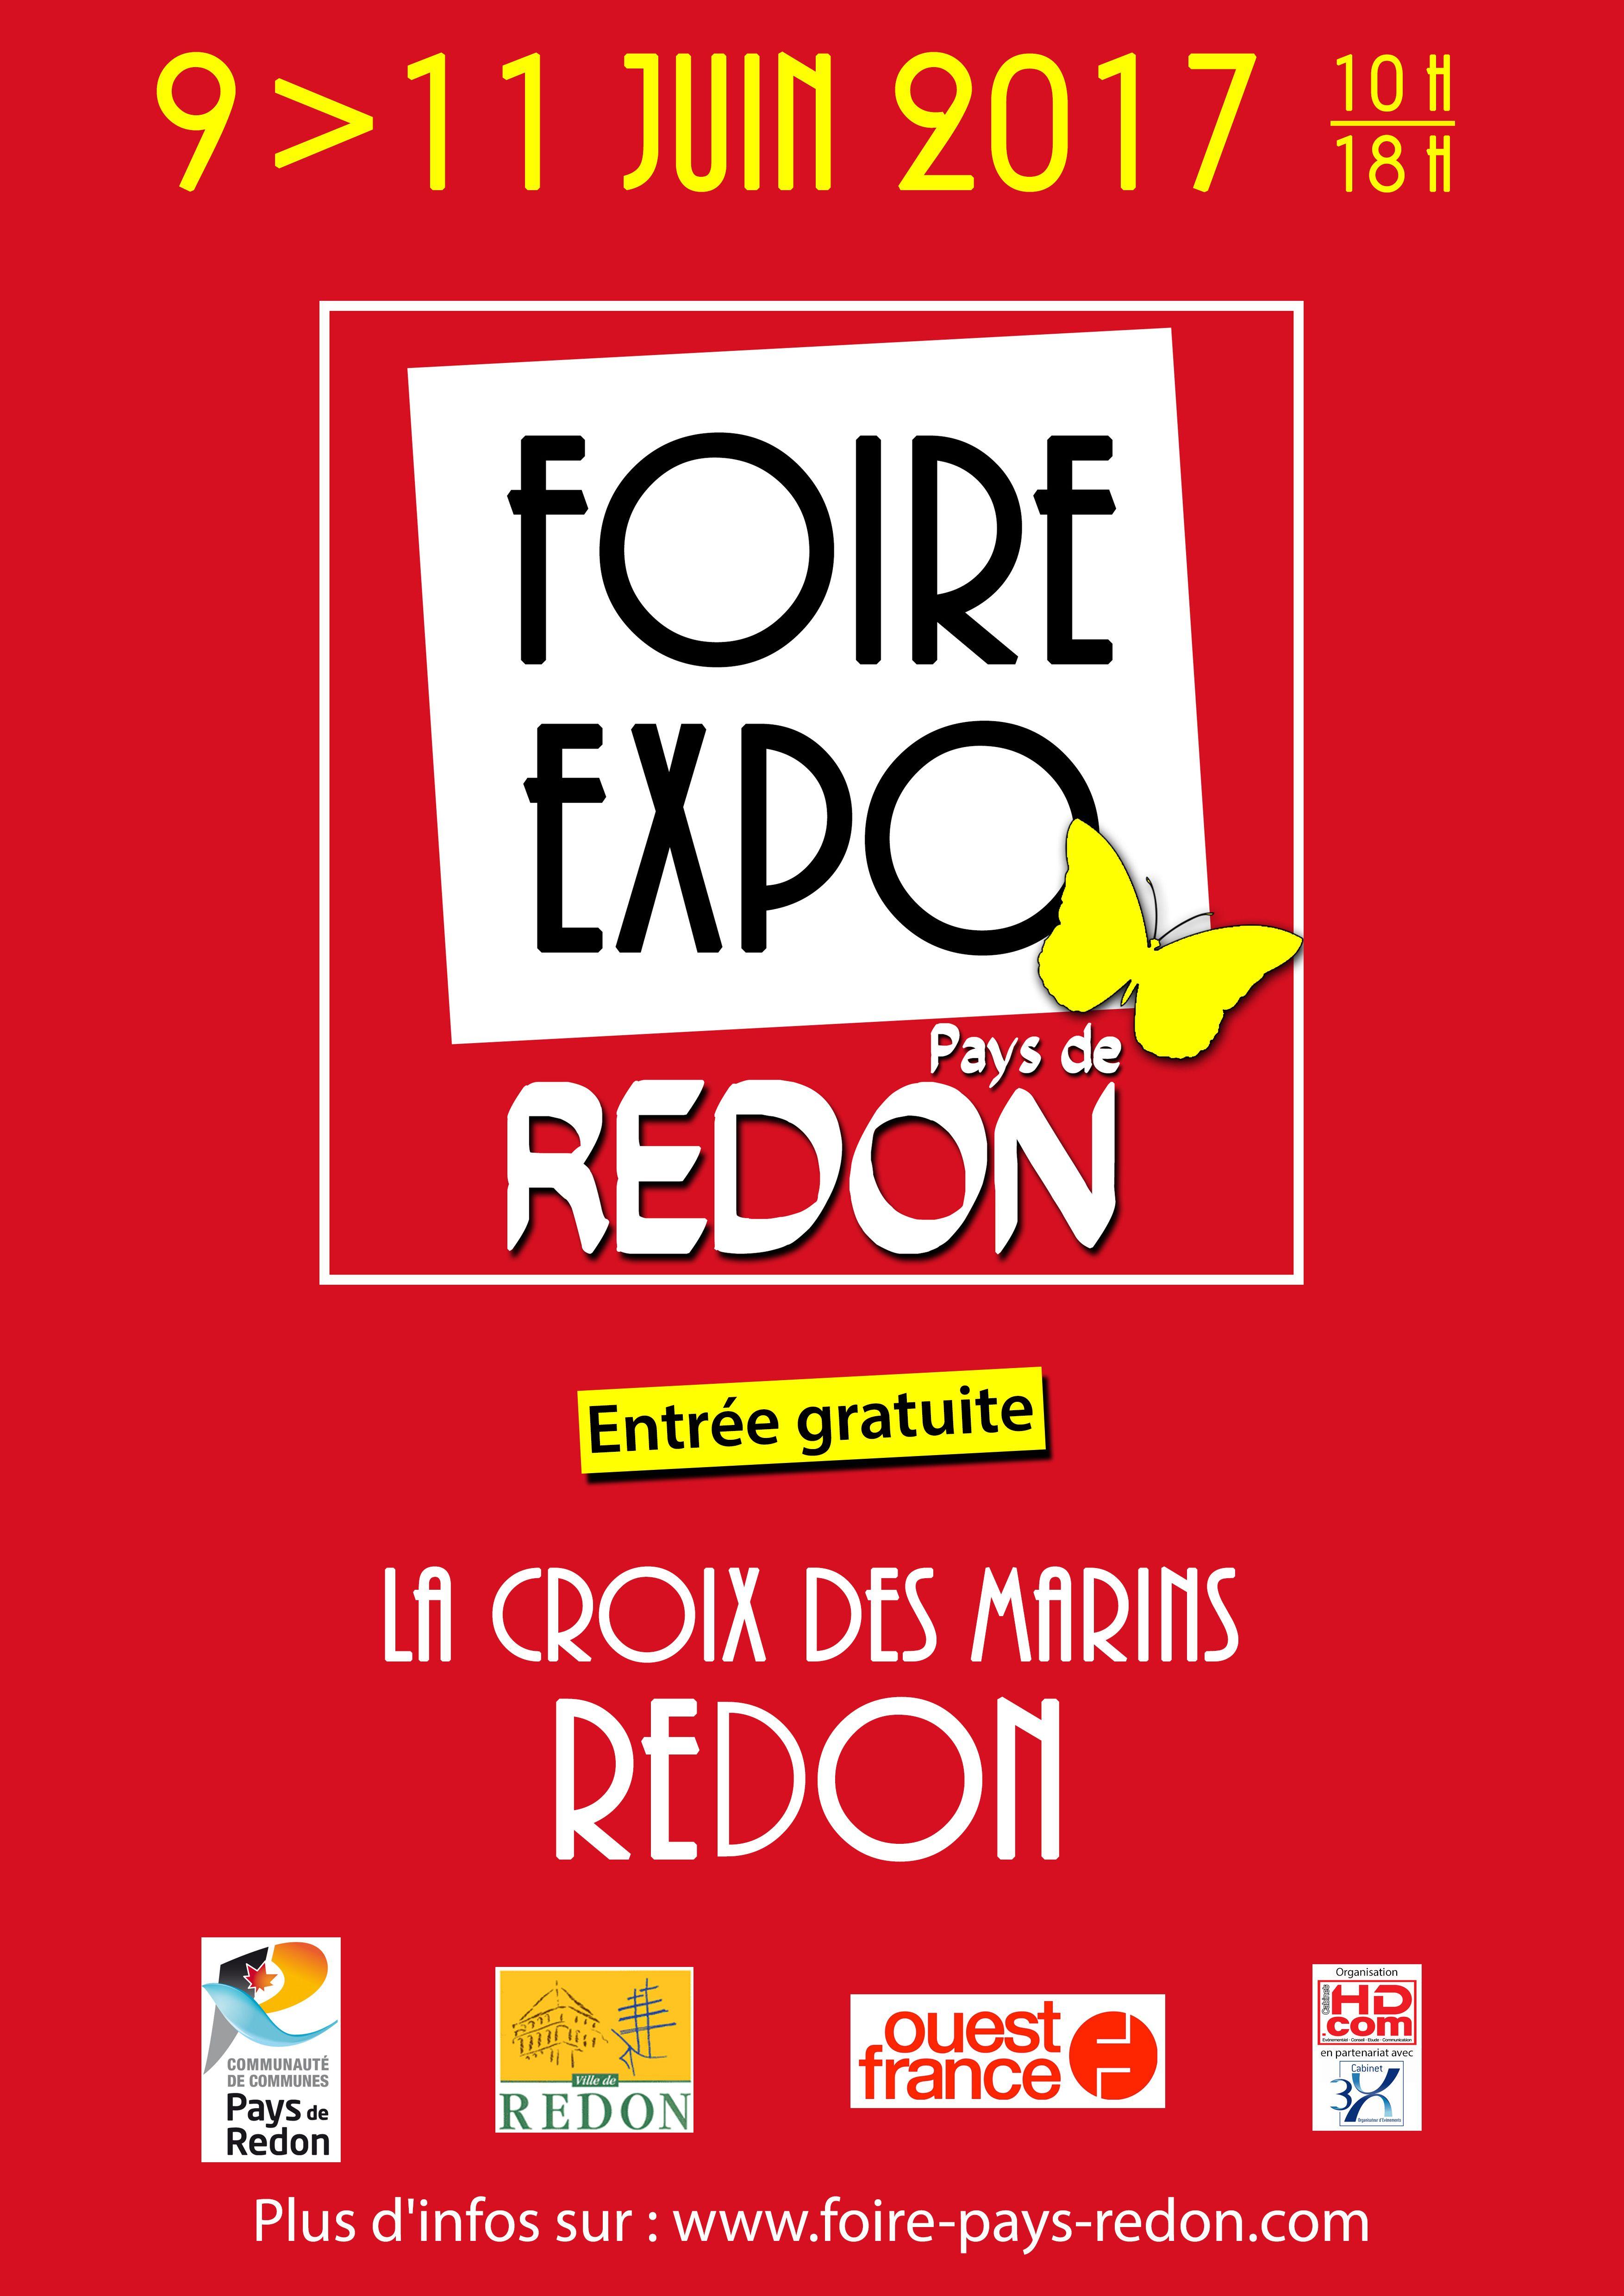 Foire expo pays de redon 2017 for Foire expo niort 2017